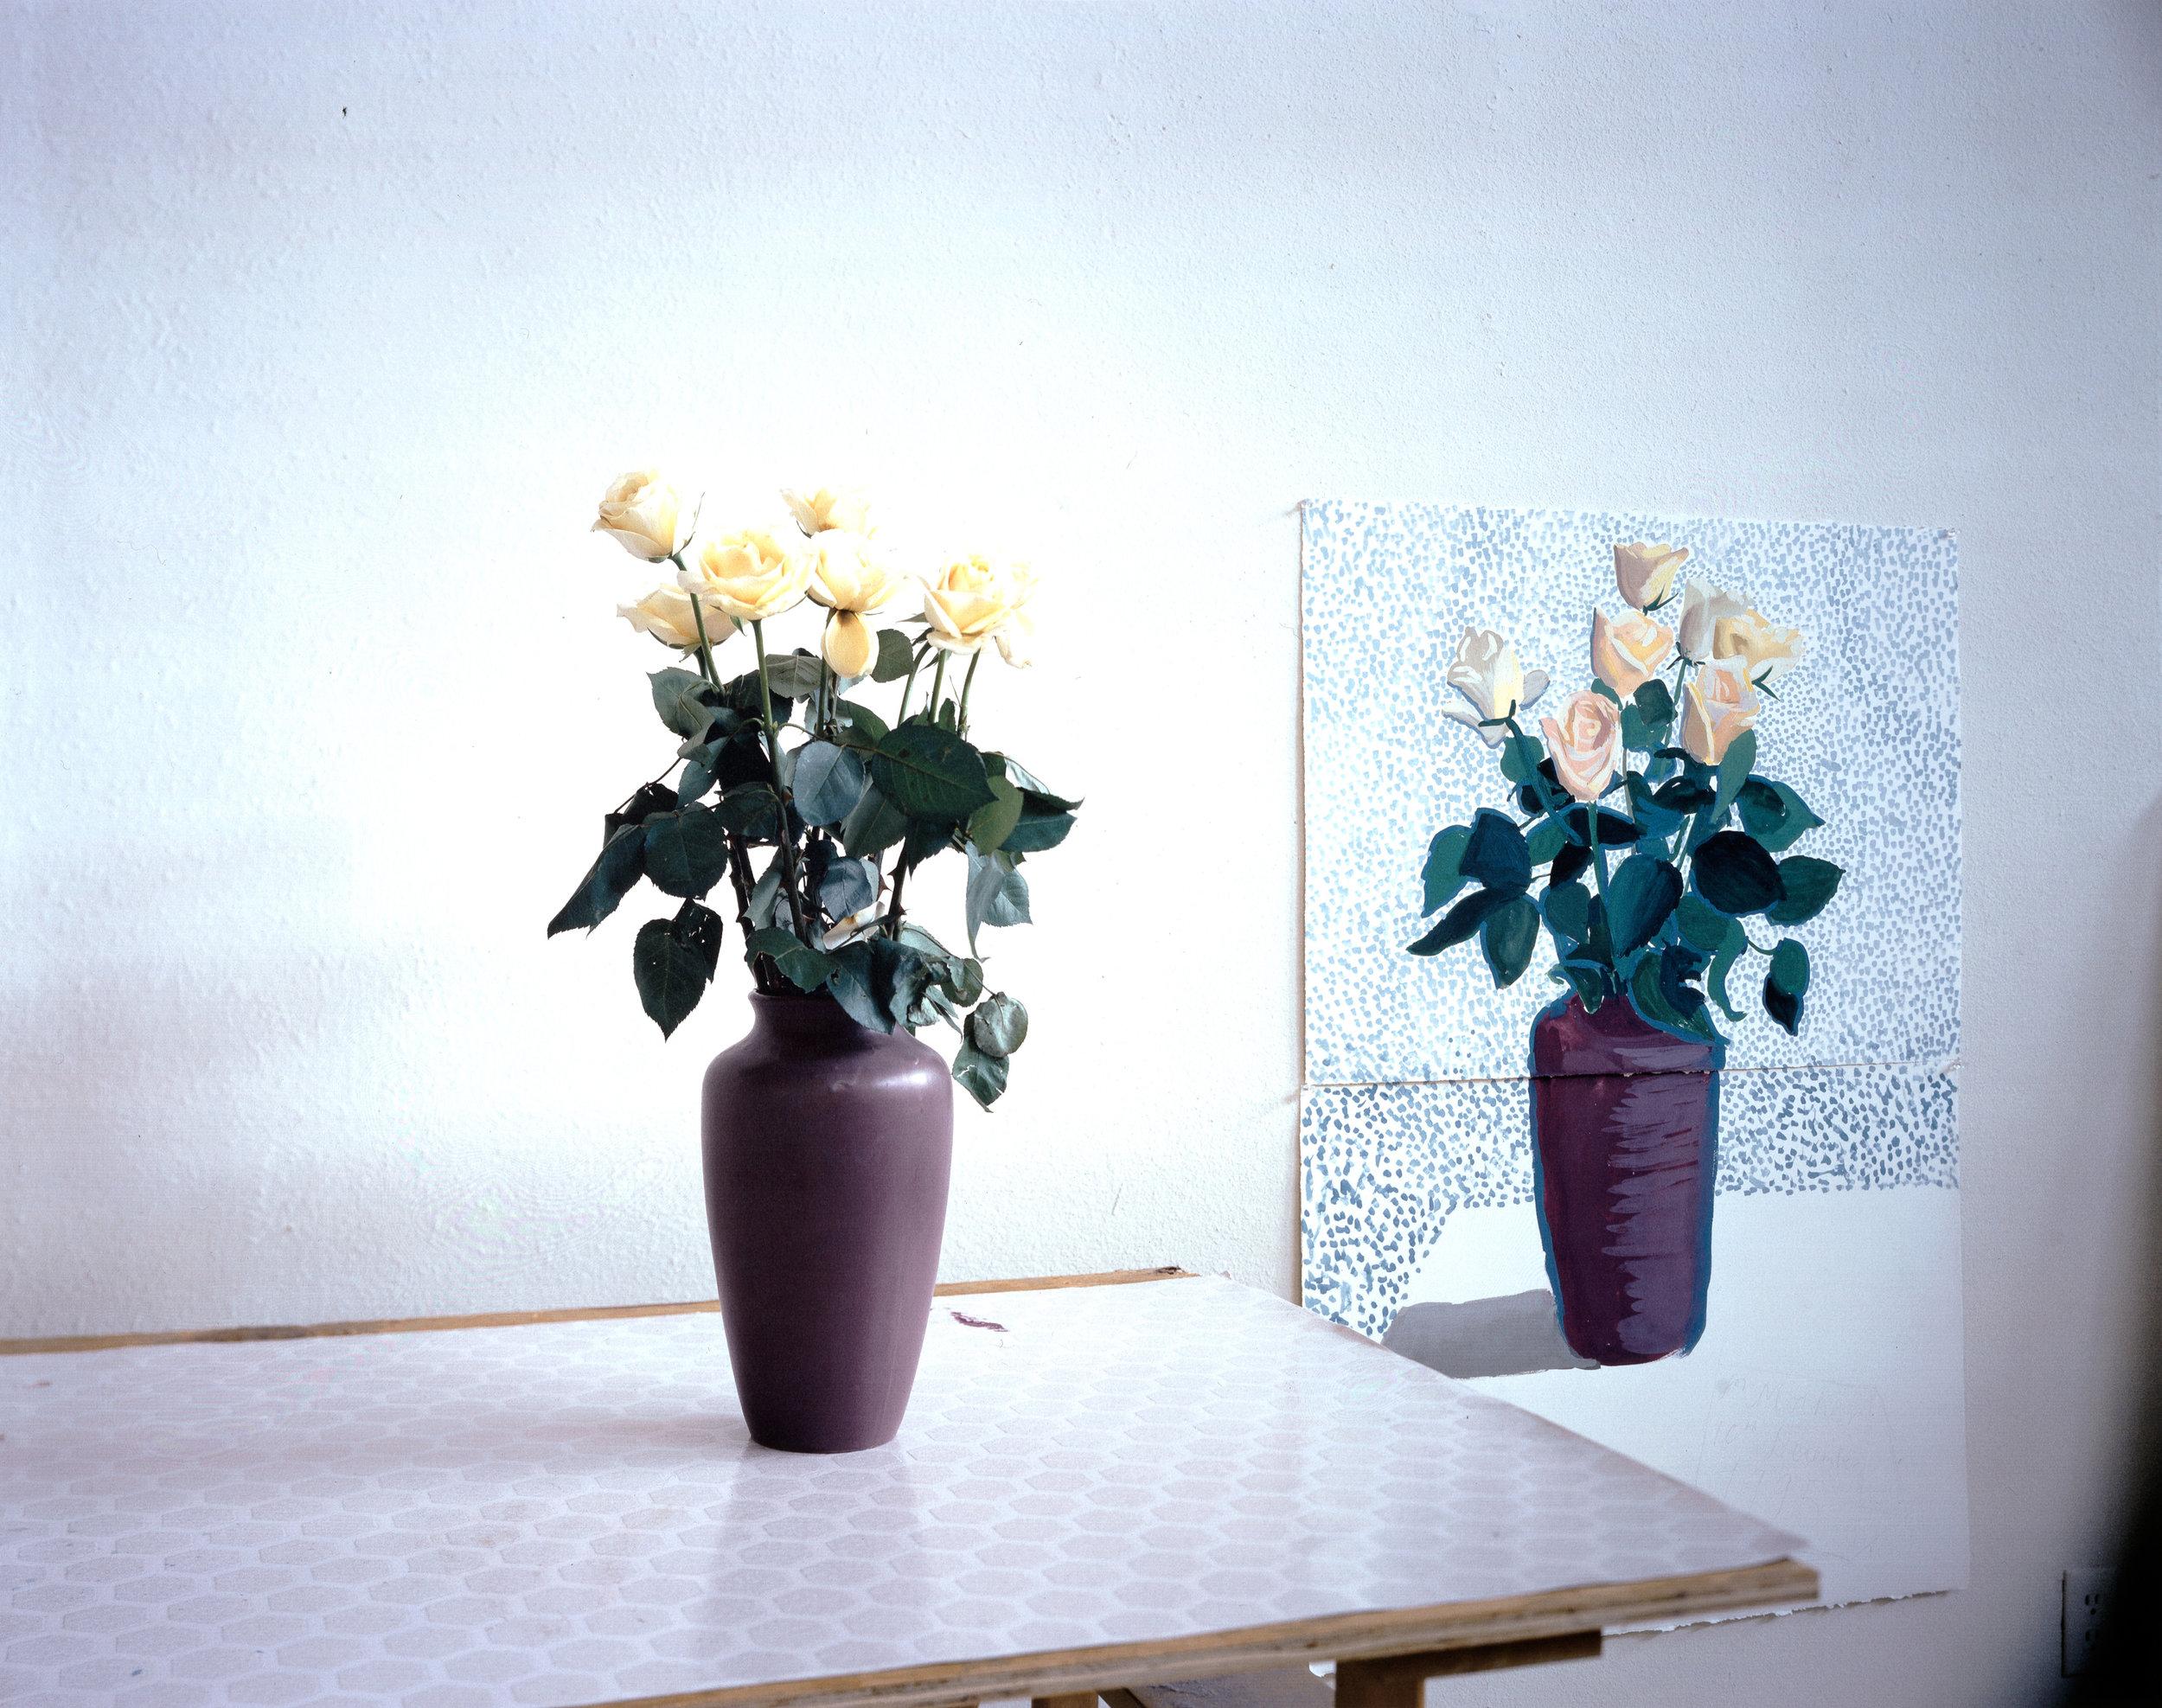 David Hockney, Roses for Mother, 1995 © David Hockney. Courtesy Galerie Kaess-Weiss, Albstadt